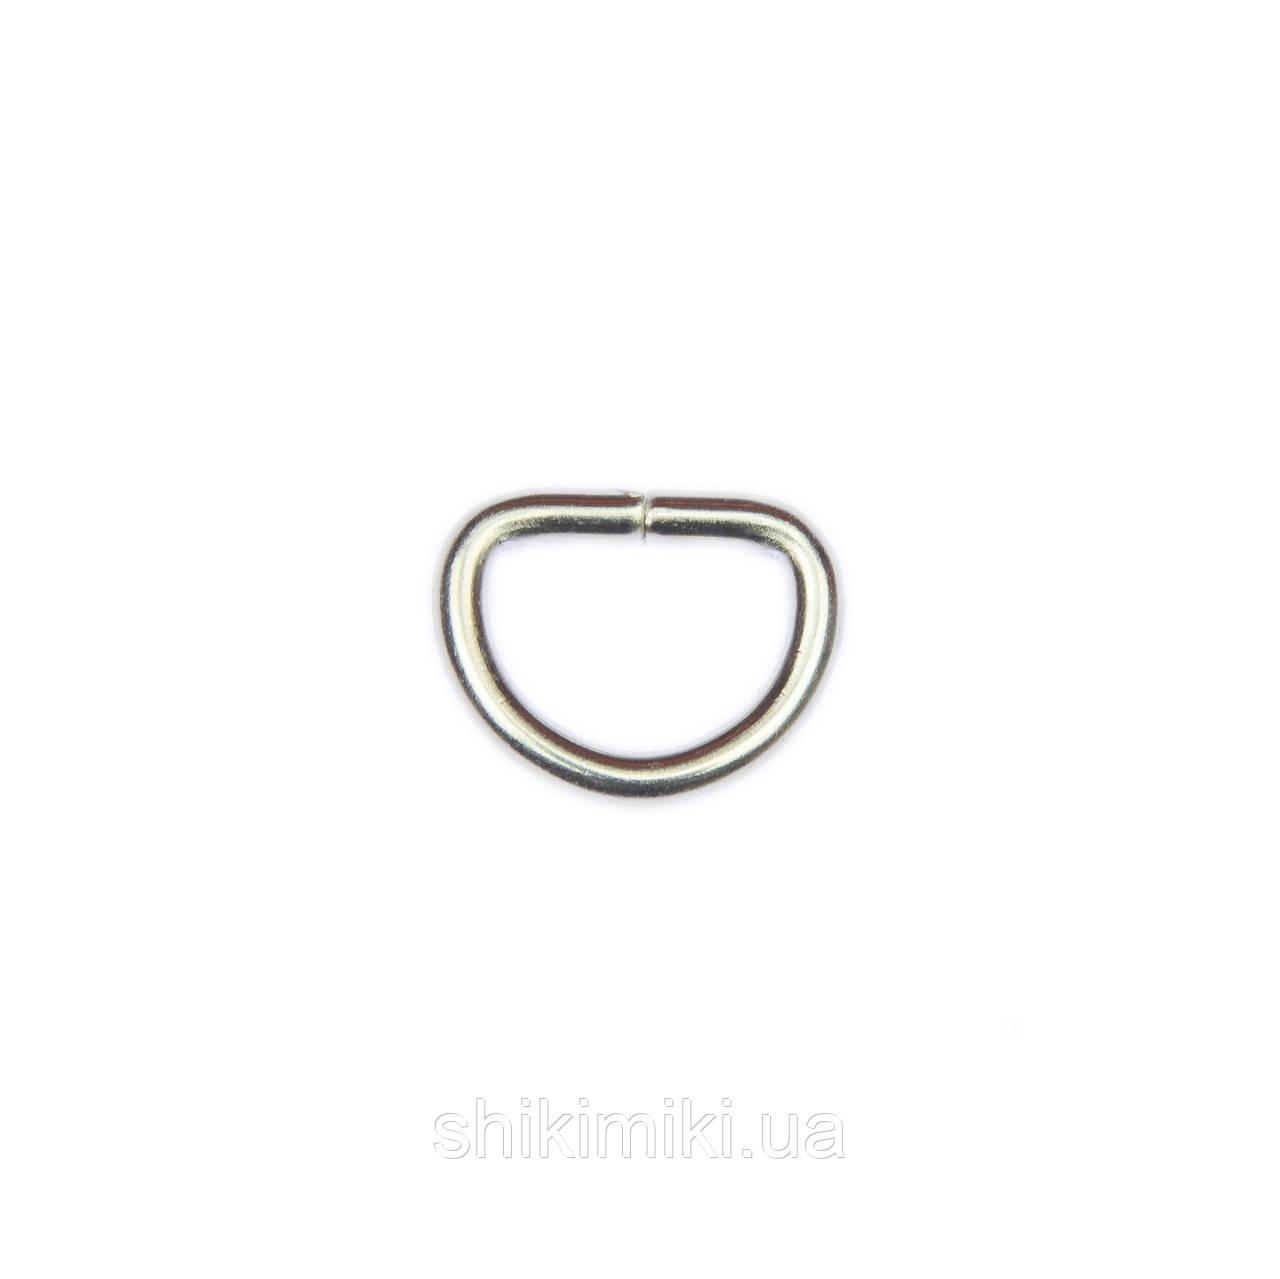 Полукольцо для сумки PK01-1 (20 мм), цвет никель